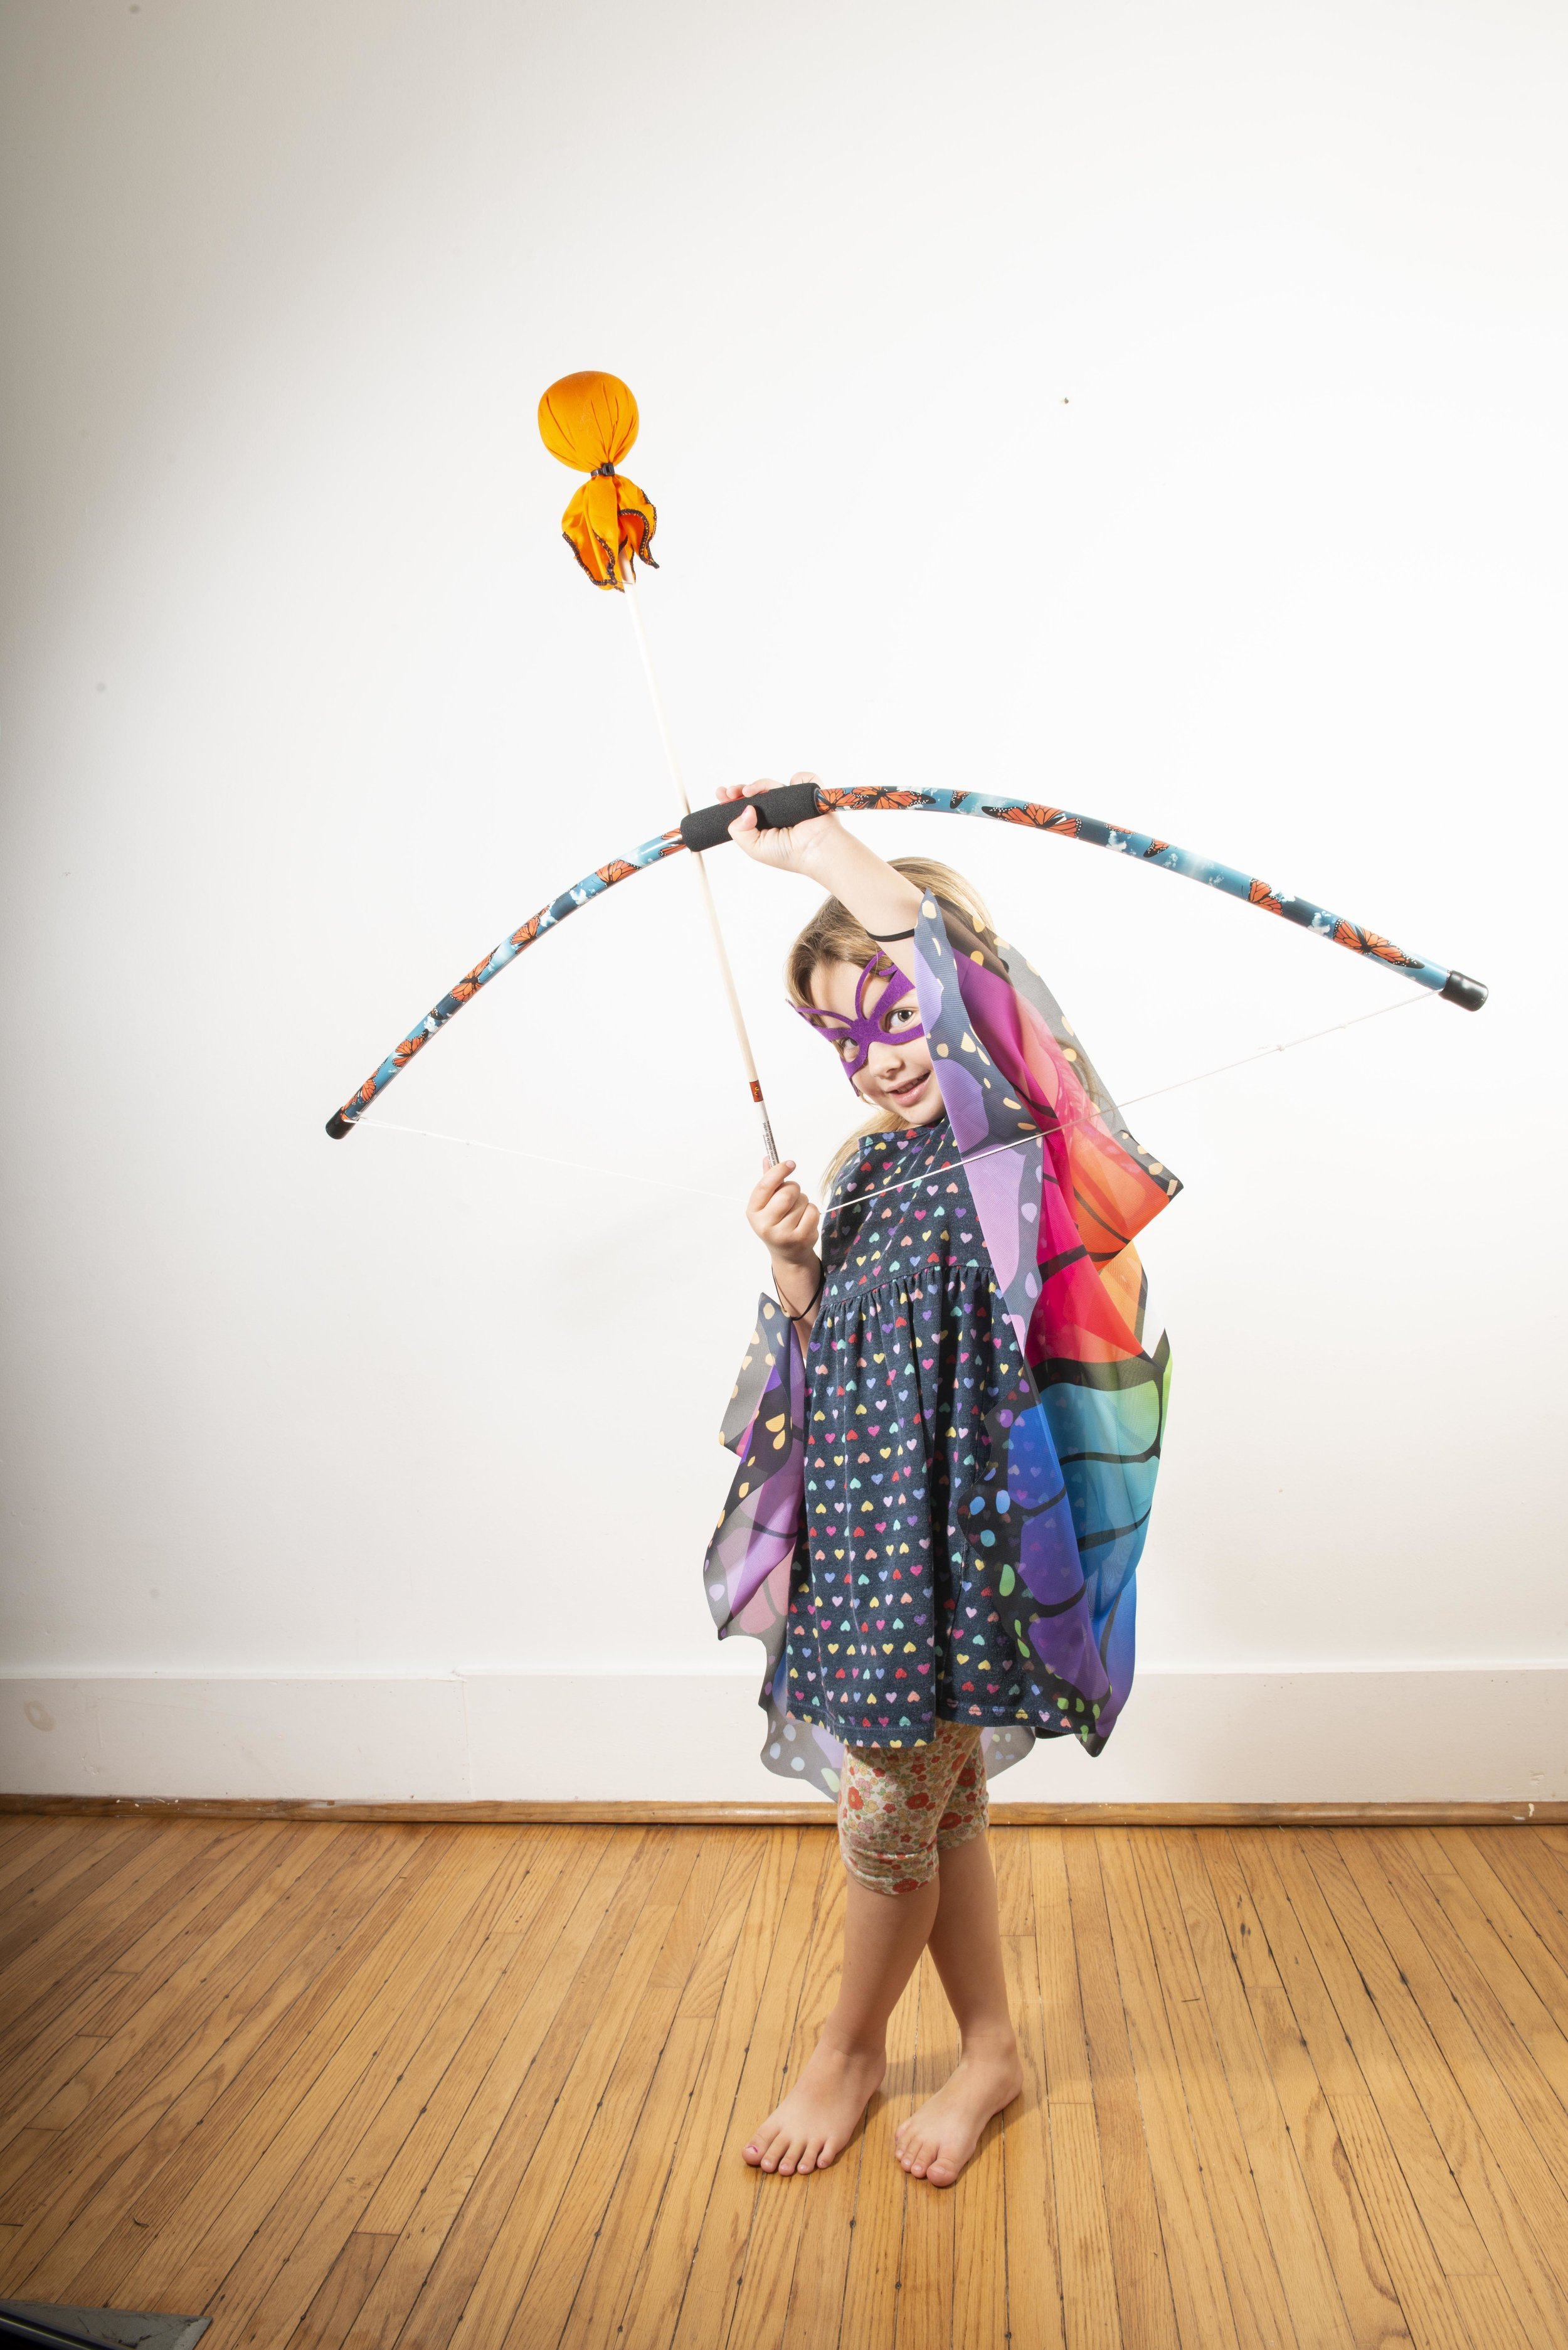 ila_five_years_old_butterfly_warrior-2.jpg